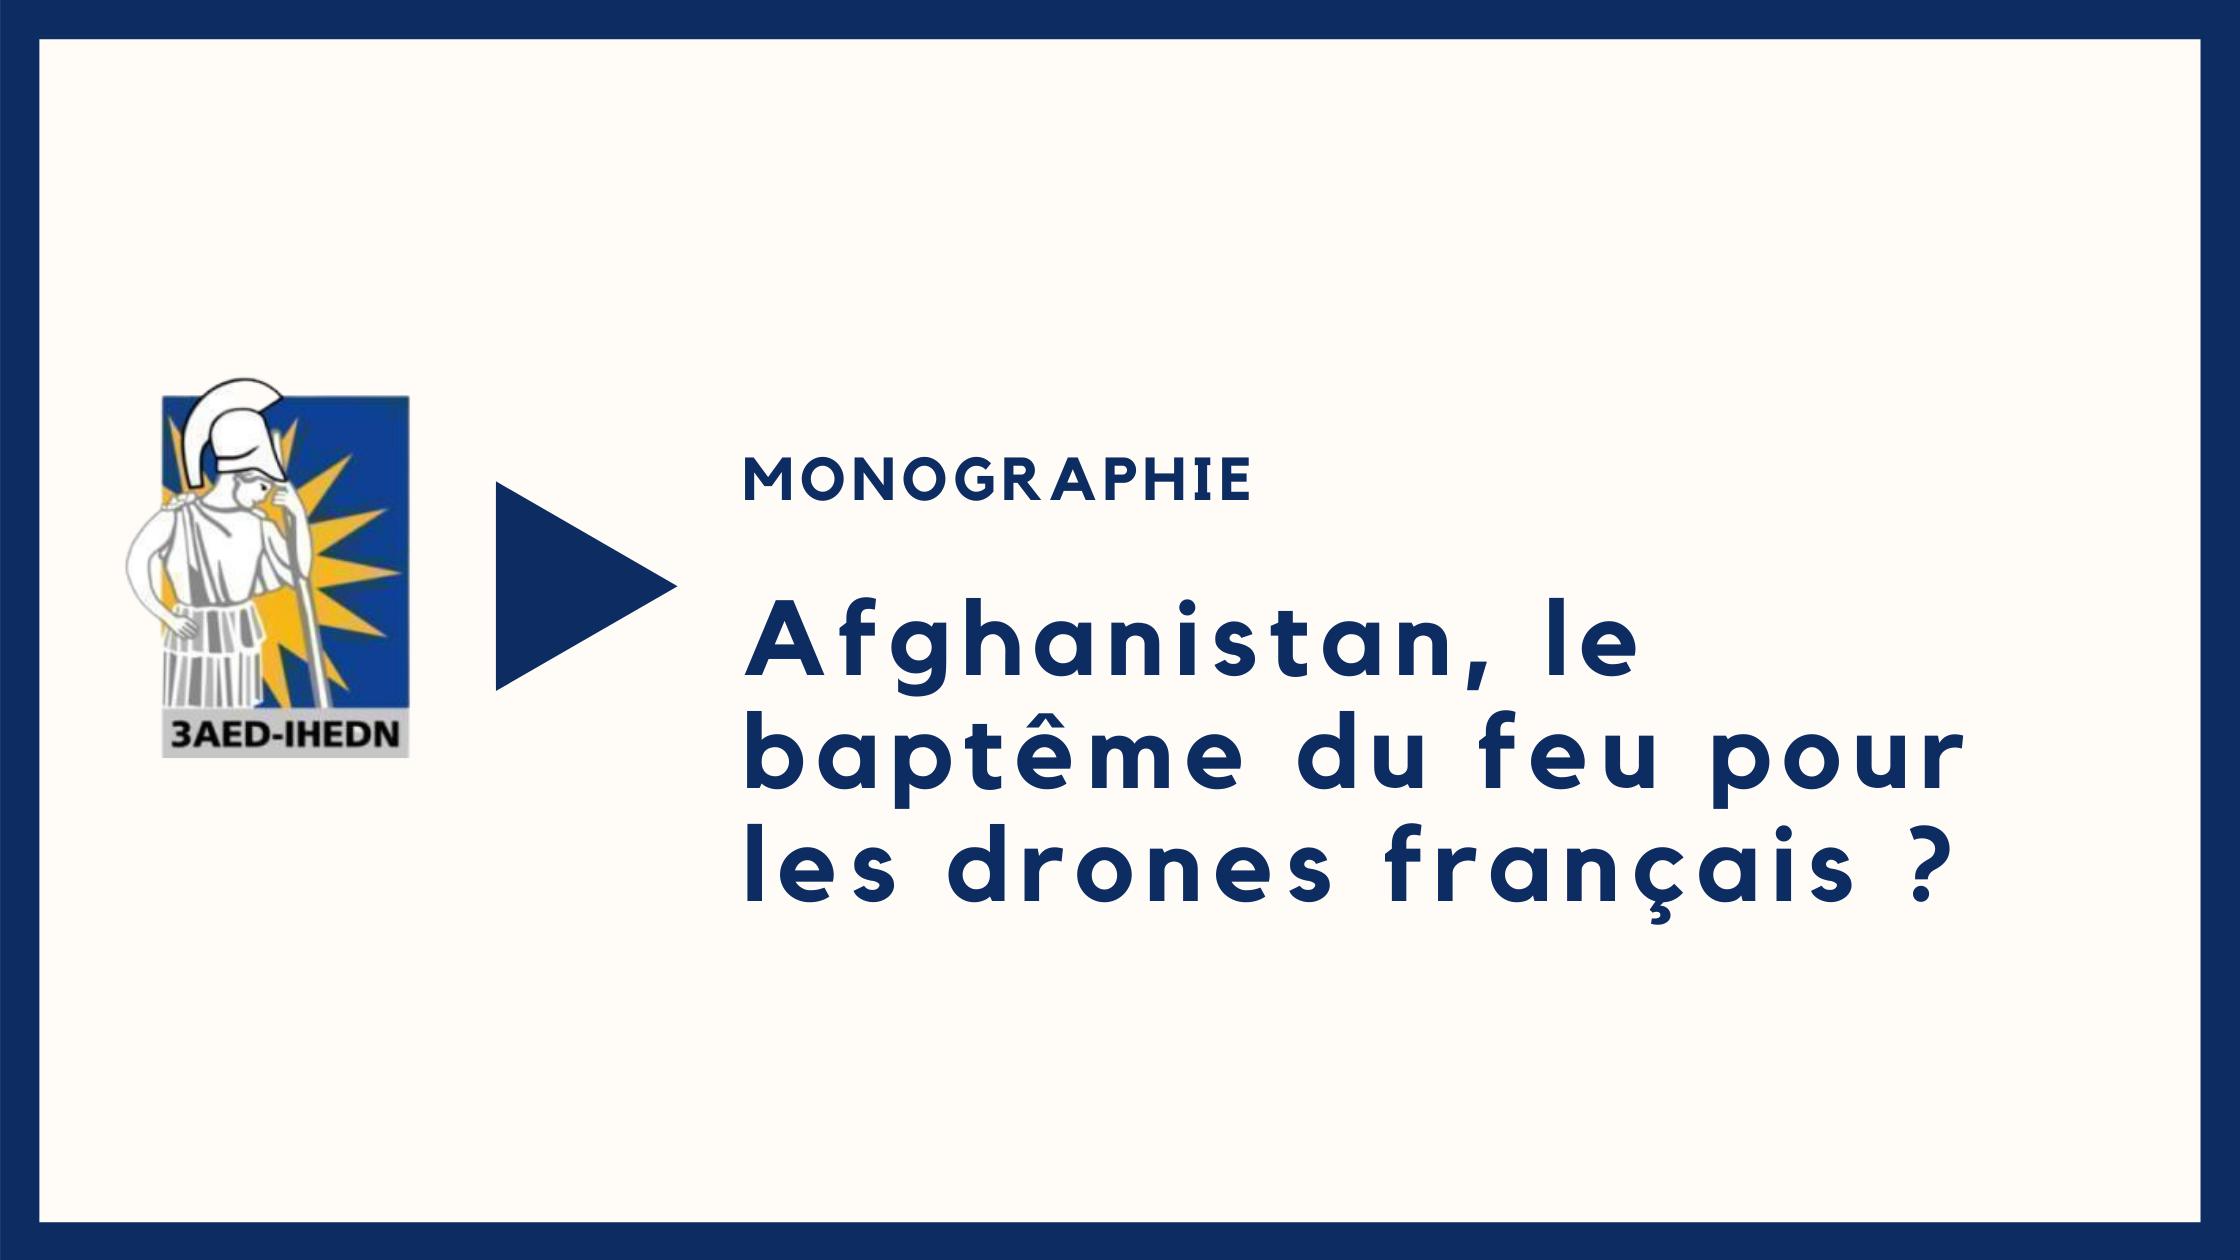 Monographie |Afghanistan, le baptême du feu pour les drones français ?